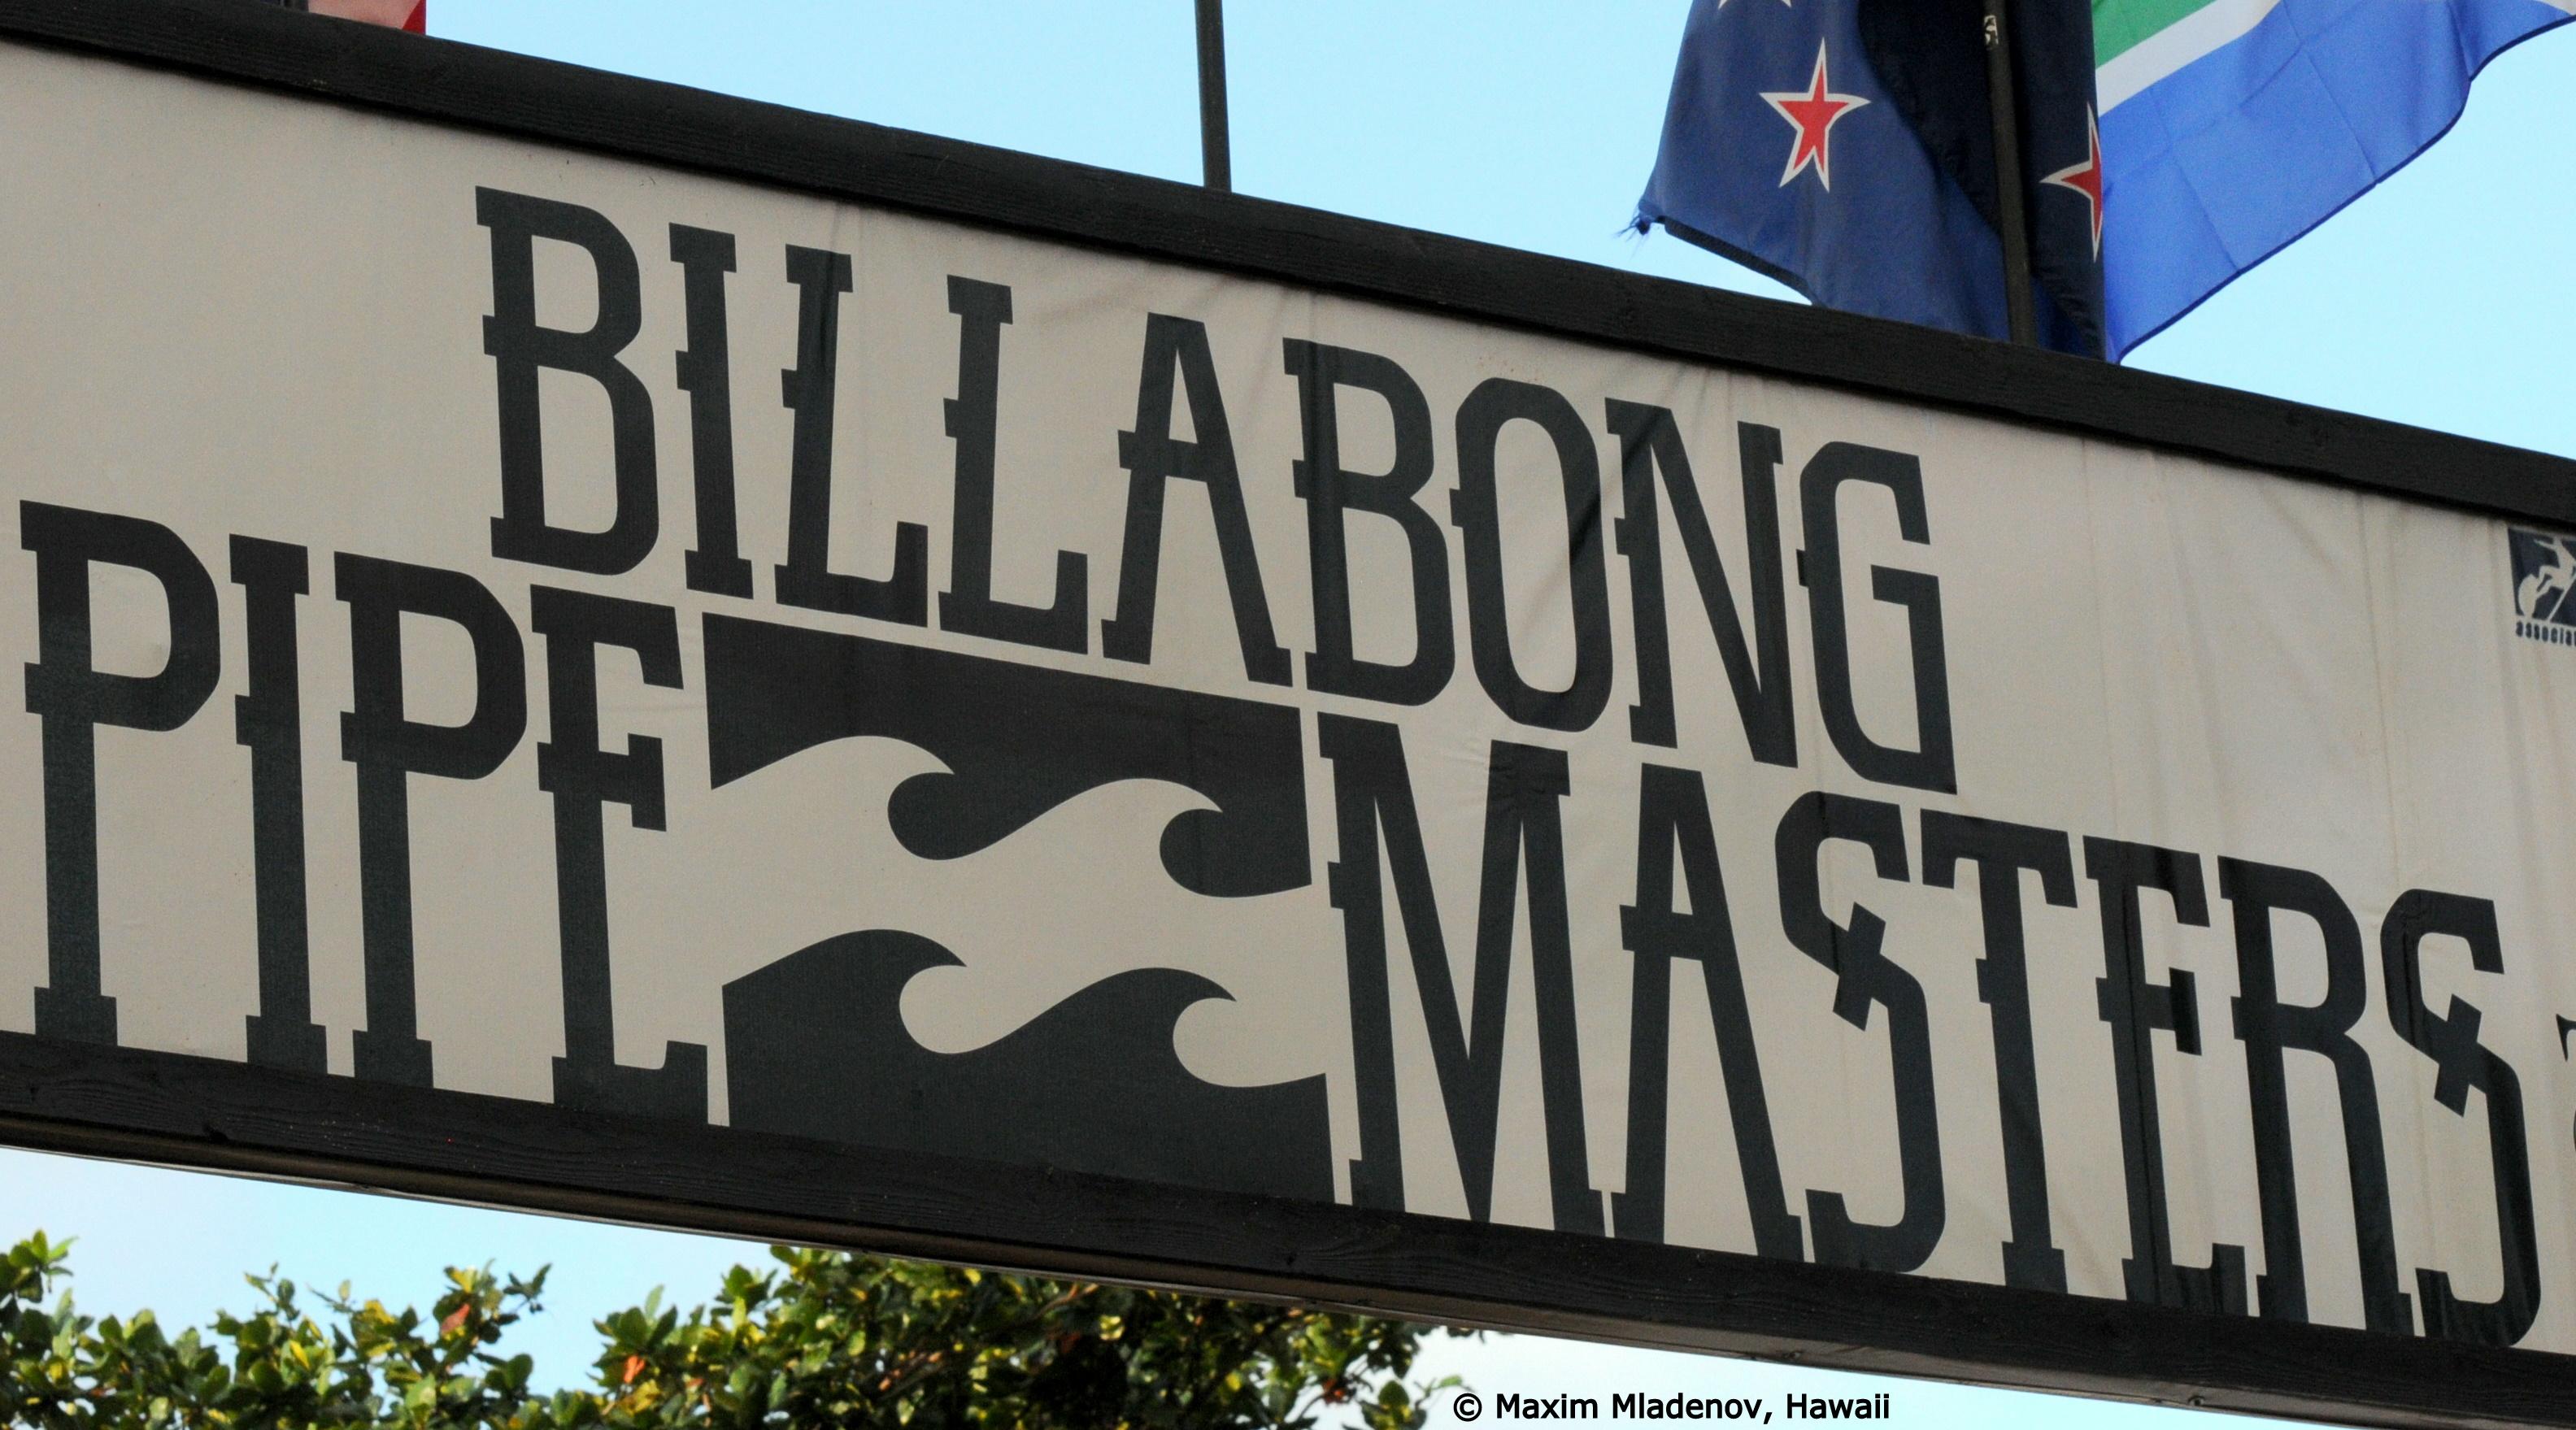 Banderole - Billabong PIPE Masters © Maxim Mladenov, Hawaii